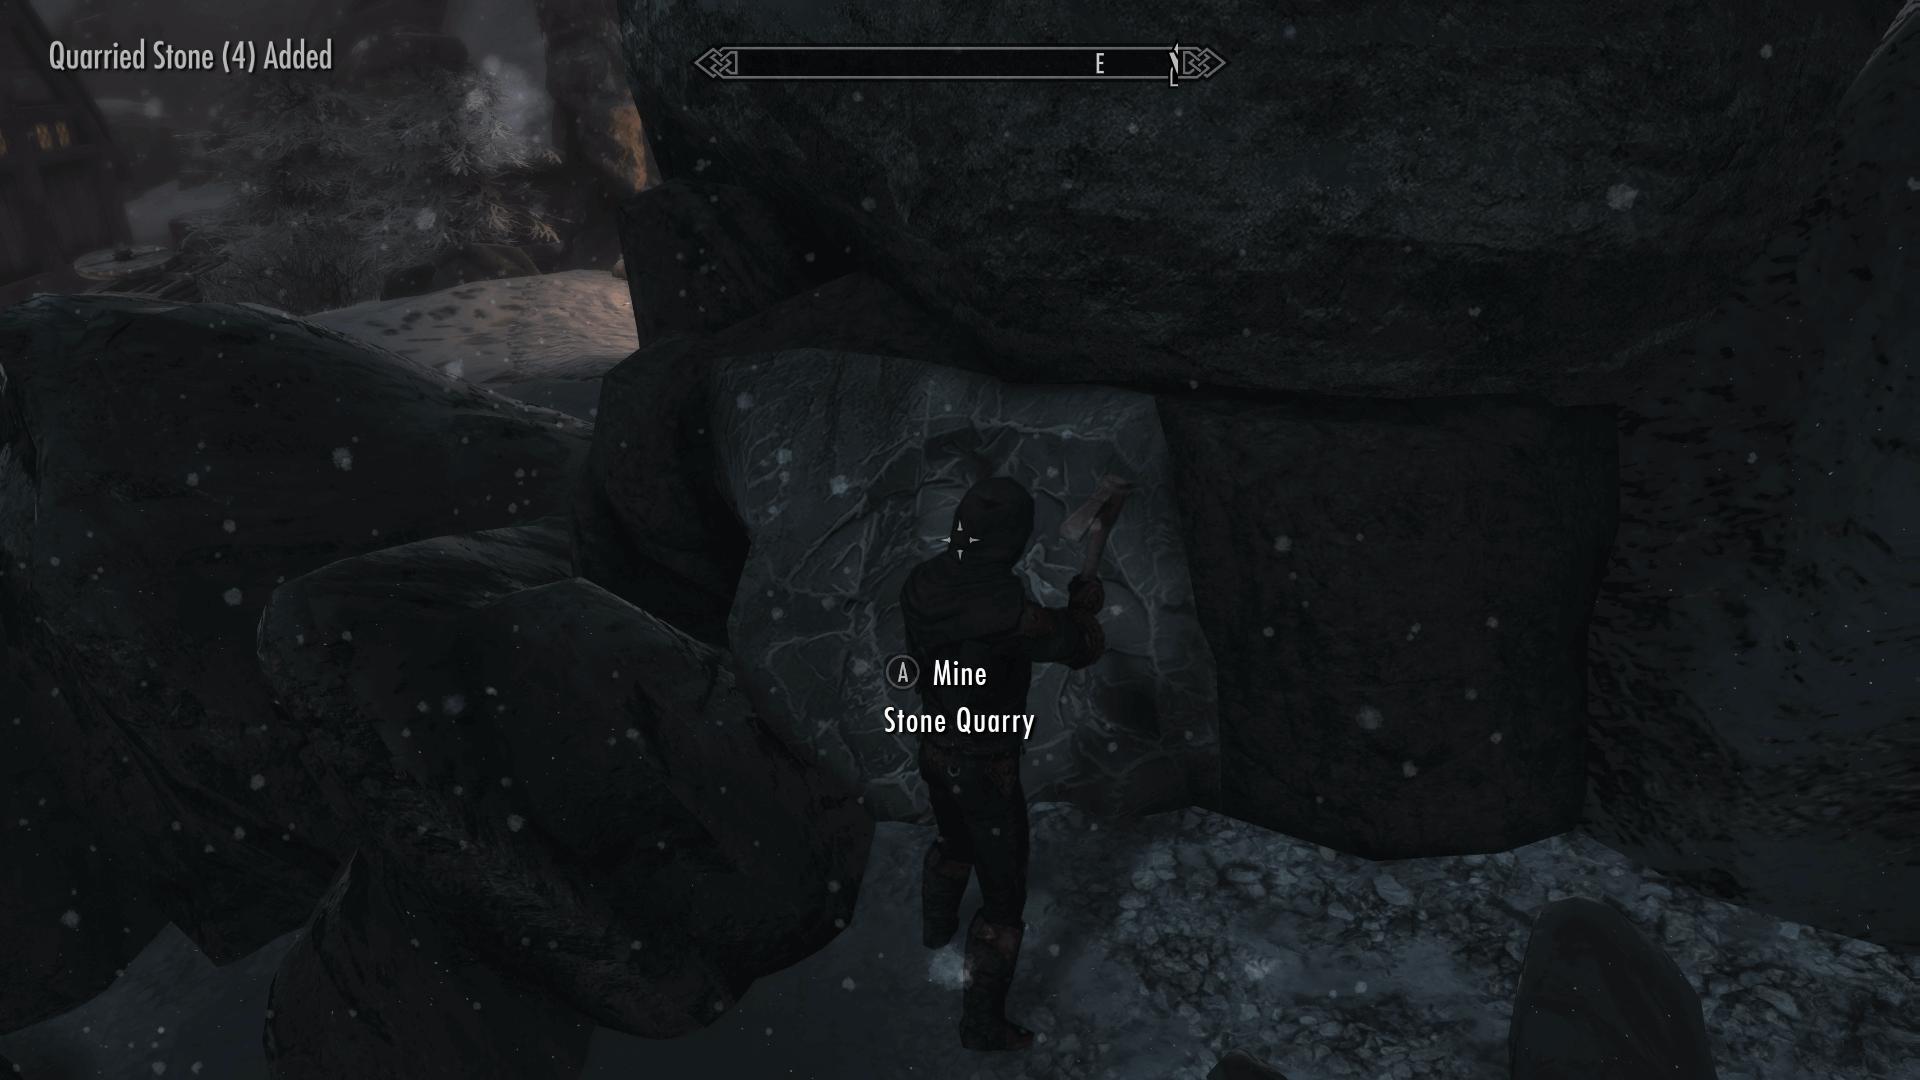 Skyrim Quarried Stone